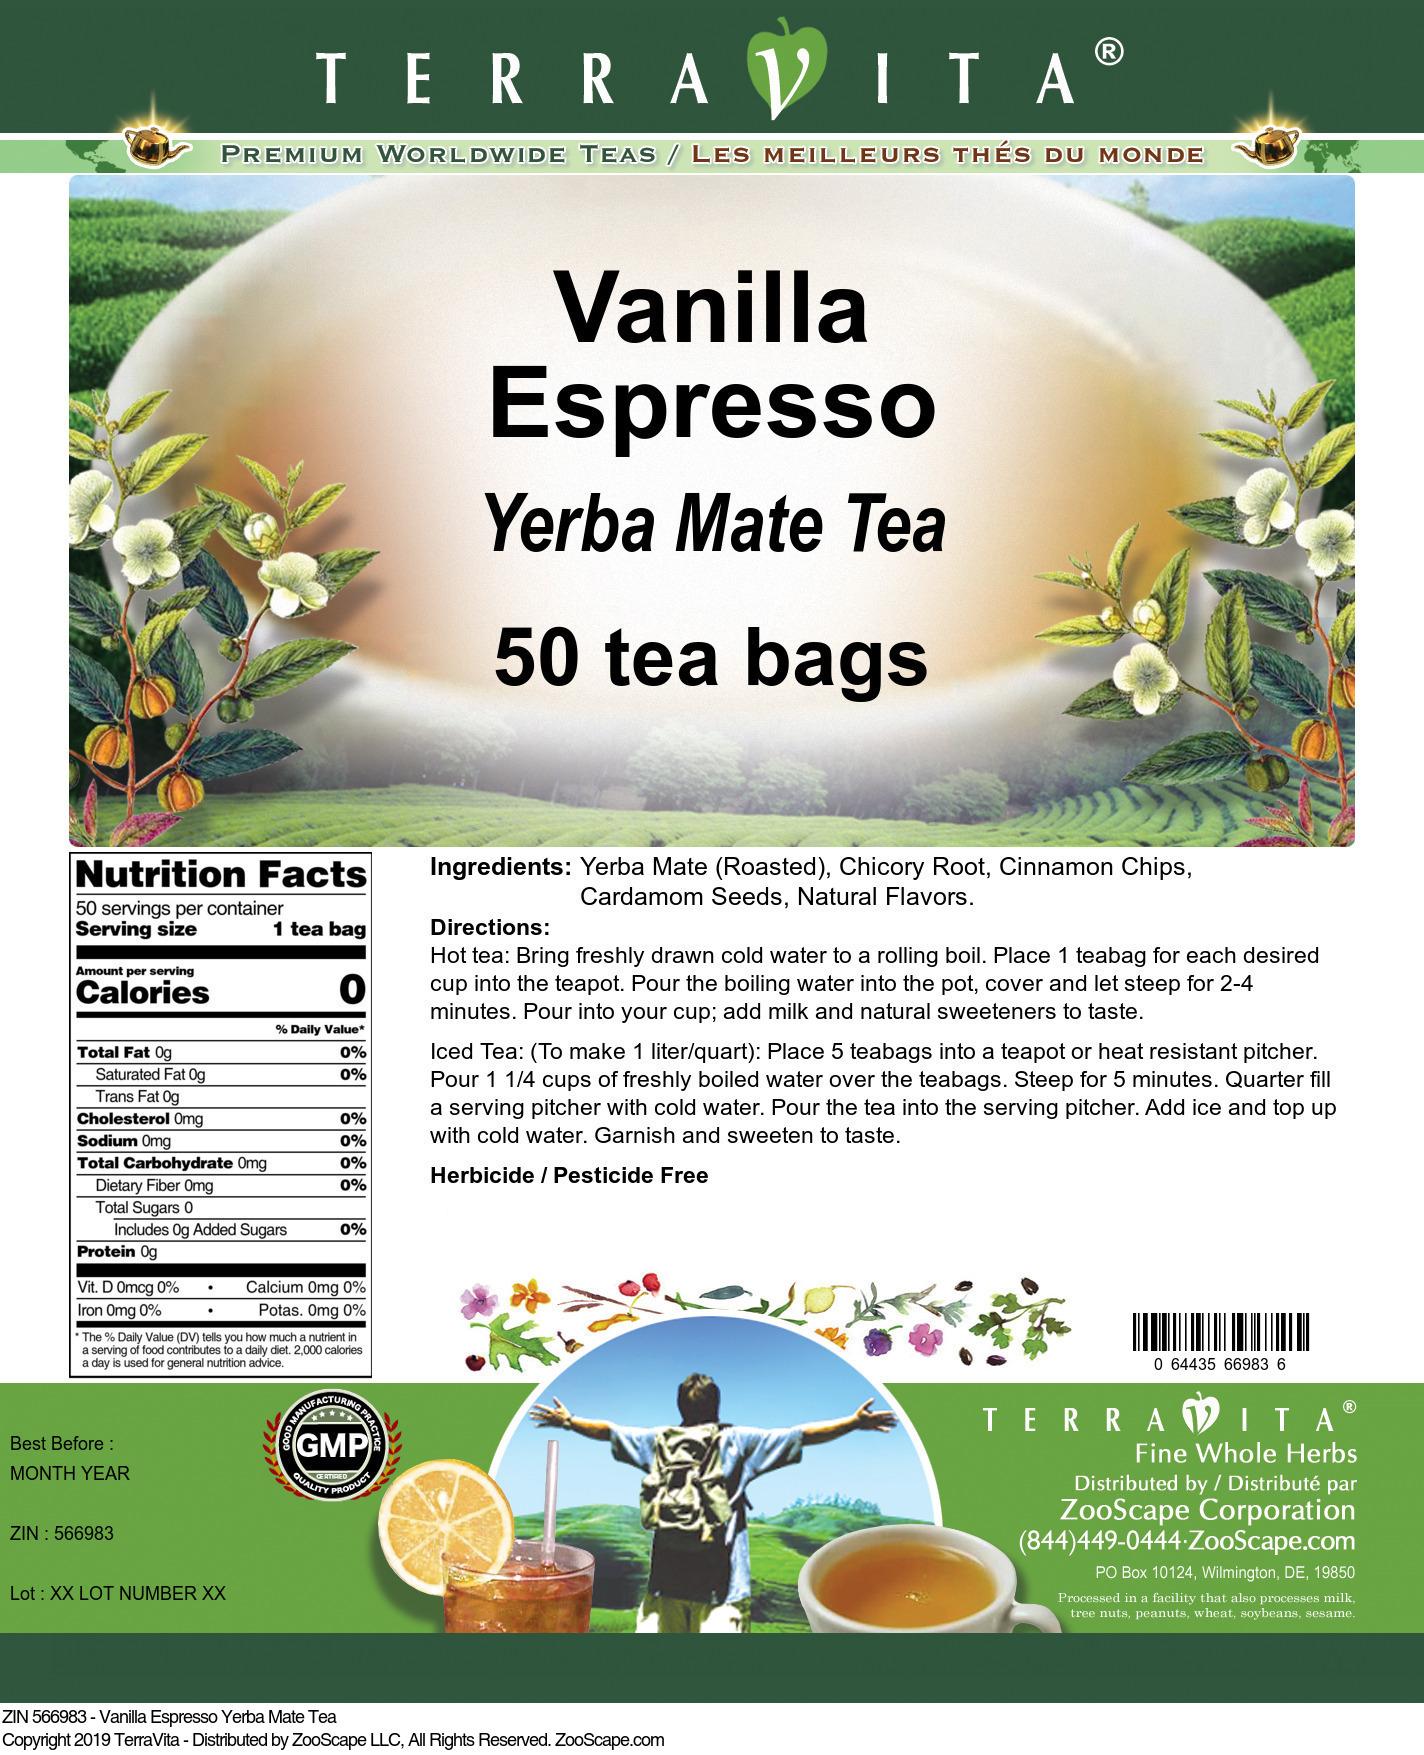 Vanilla Espresso Yerba Mate Tea